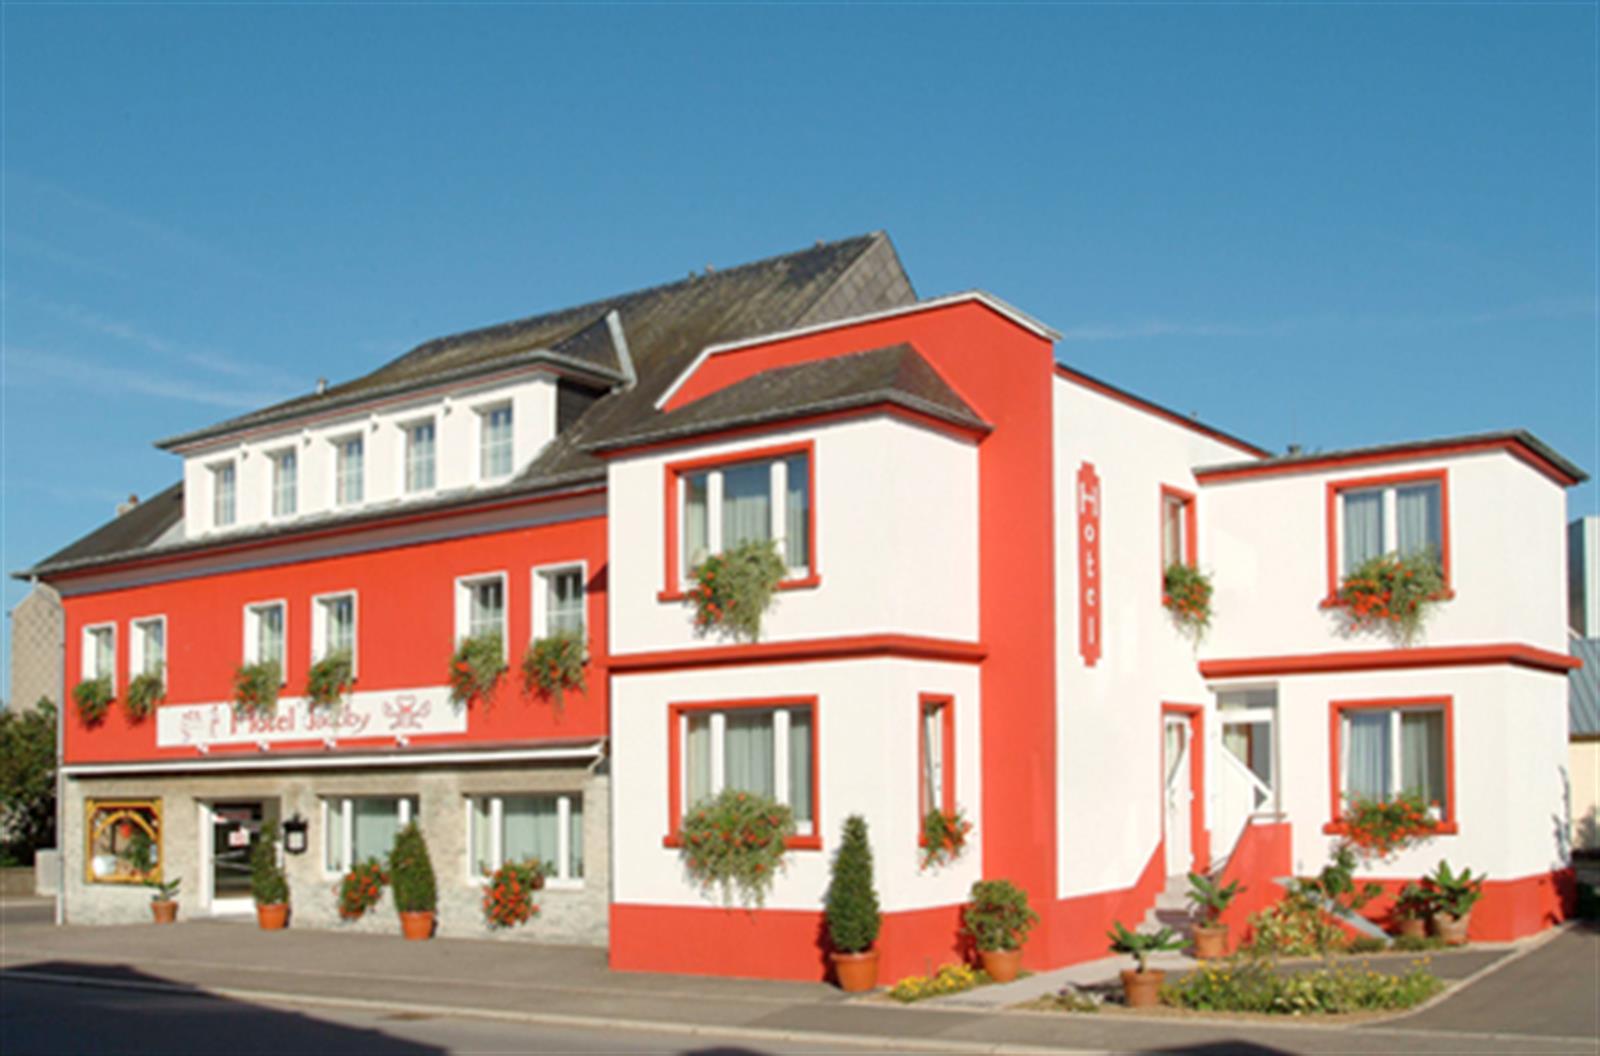 Restaurant de br il ffel h tel jacoby hotelen for Maison du luxembourg restaurant